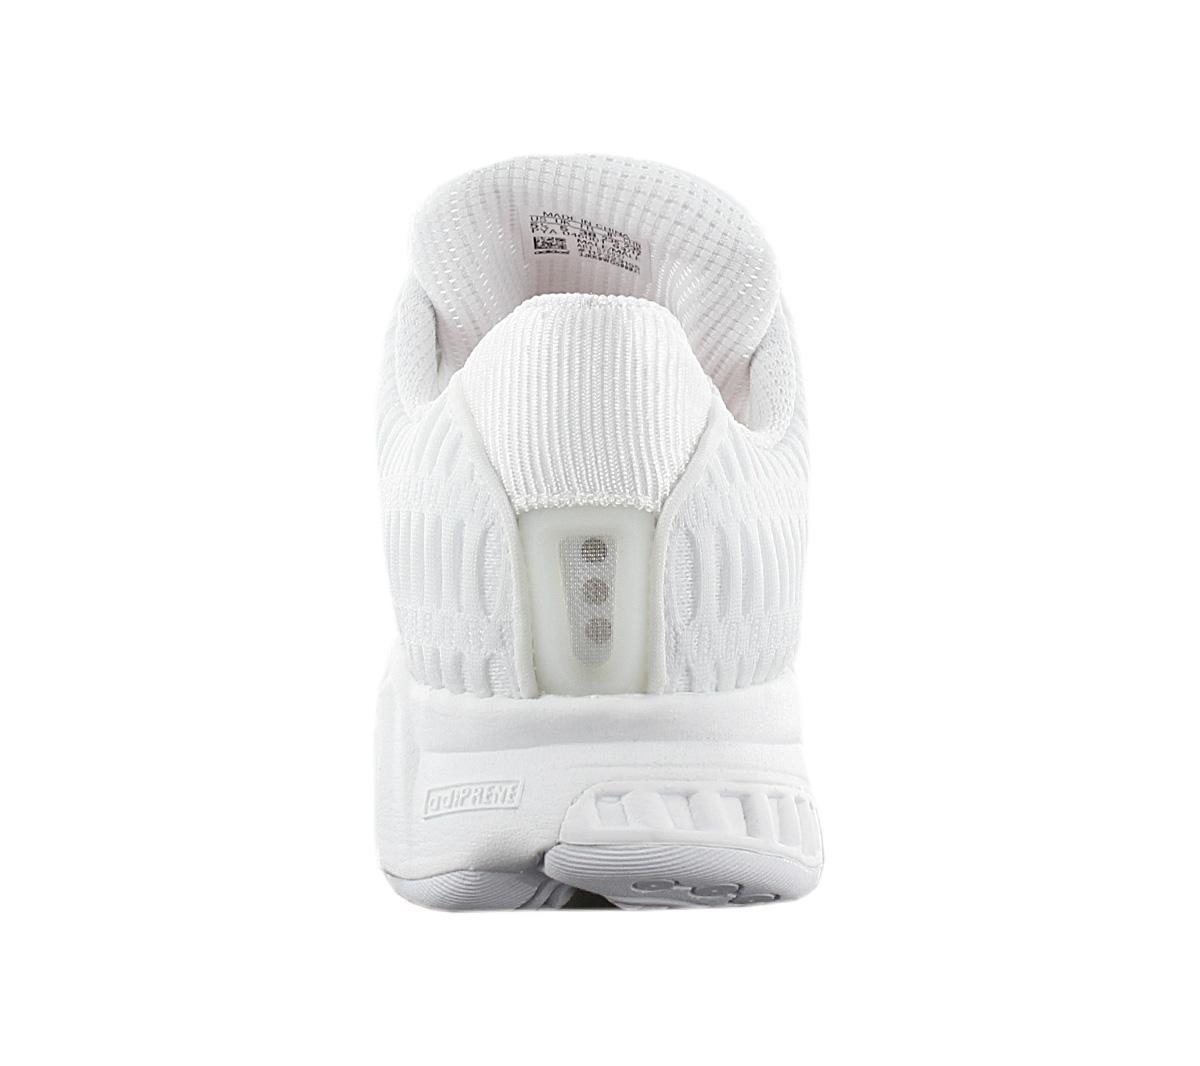 Details zu adidas Climacool 1 Damen Schuhe Sportschuhe Laufschuhe S75927 Turnschuhe NEU